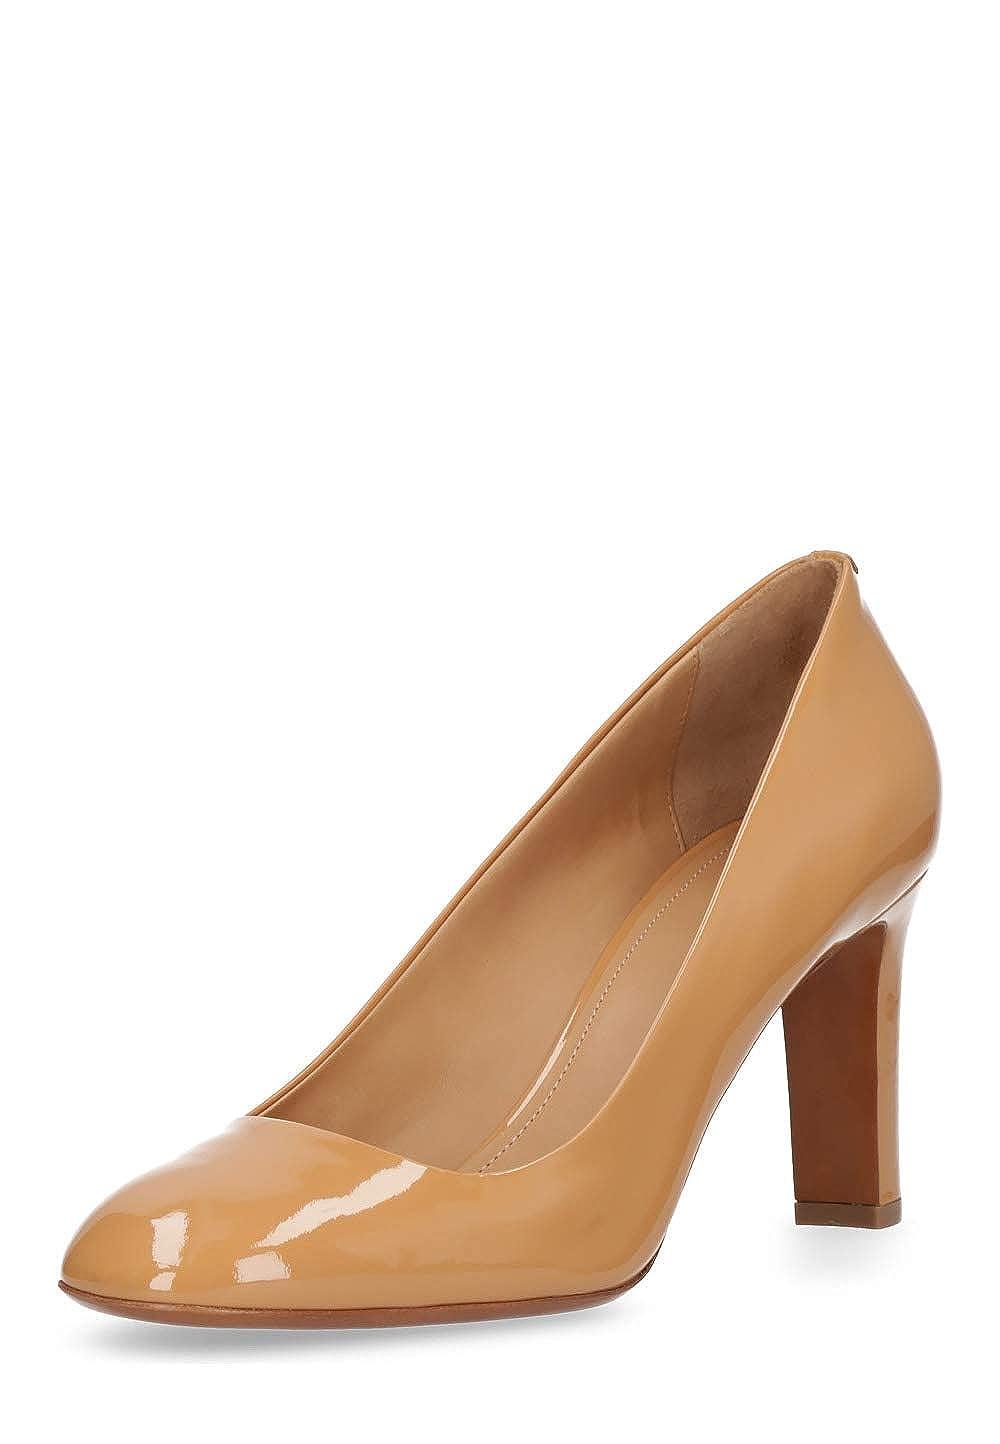 BALLY Damen Pumps High Heels Schuhe Schuhe Schuhe echt Leder 580cf4